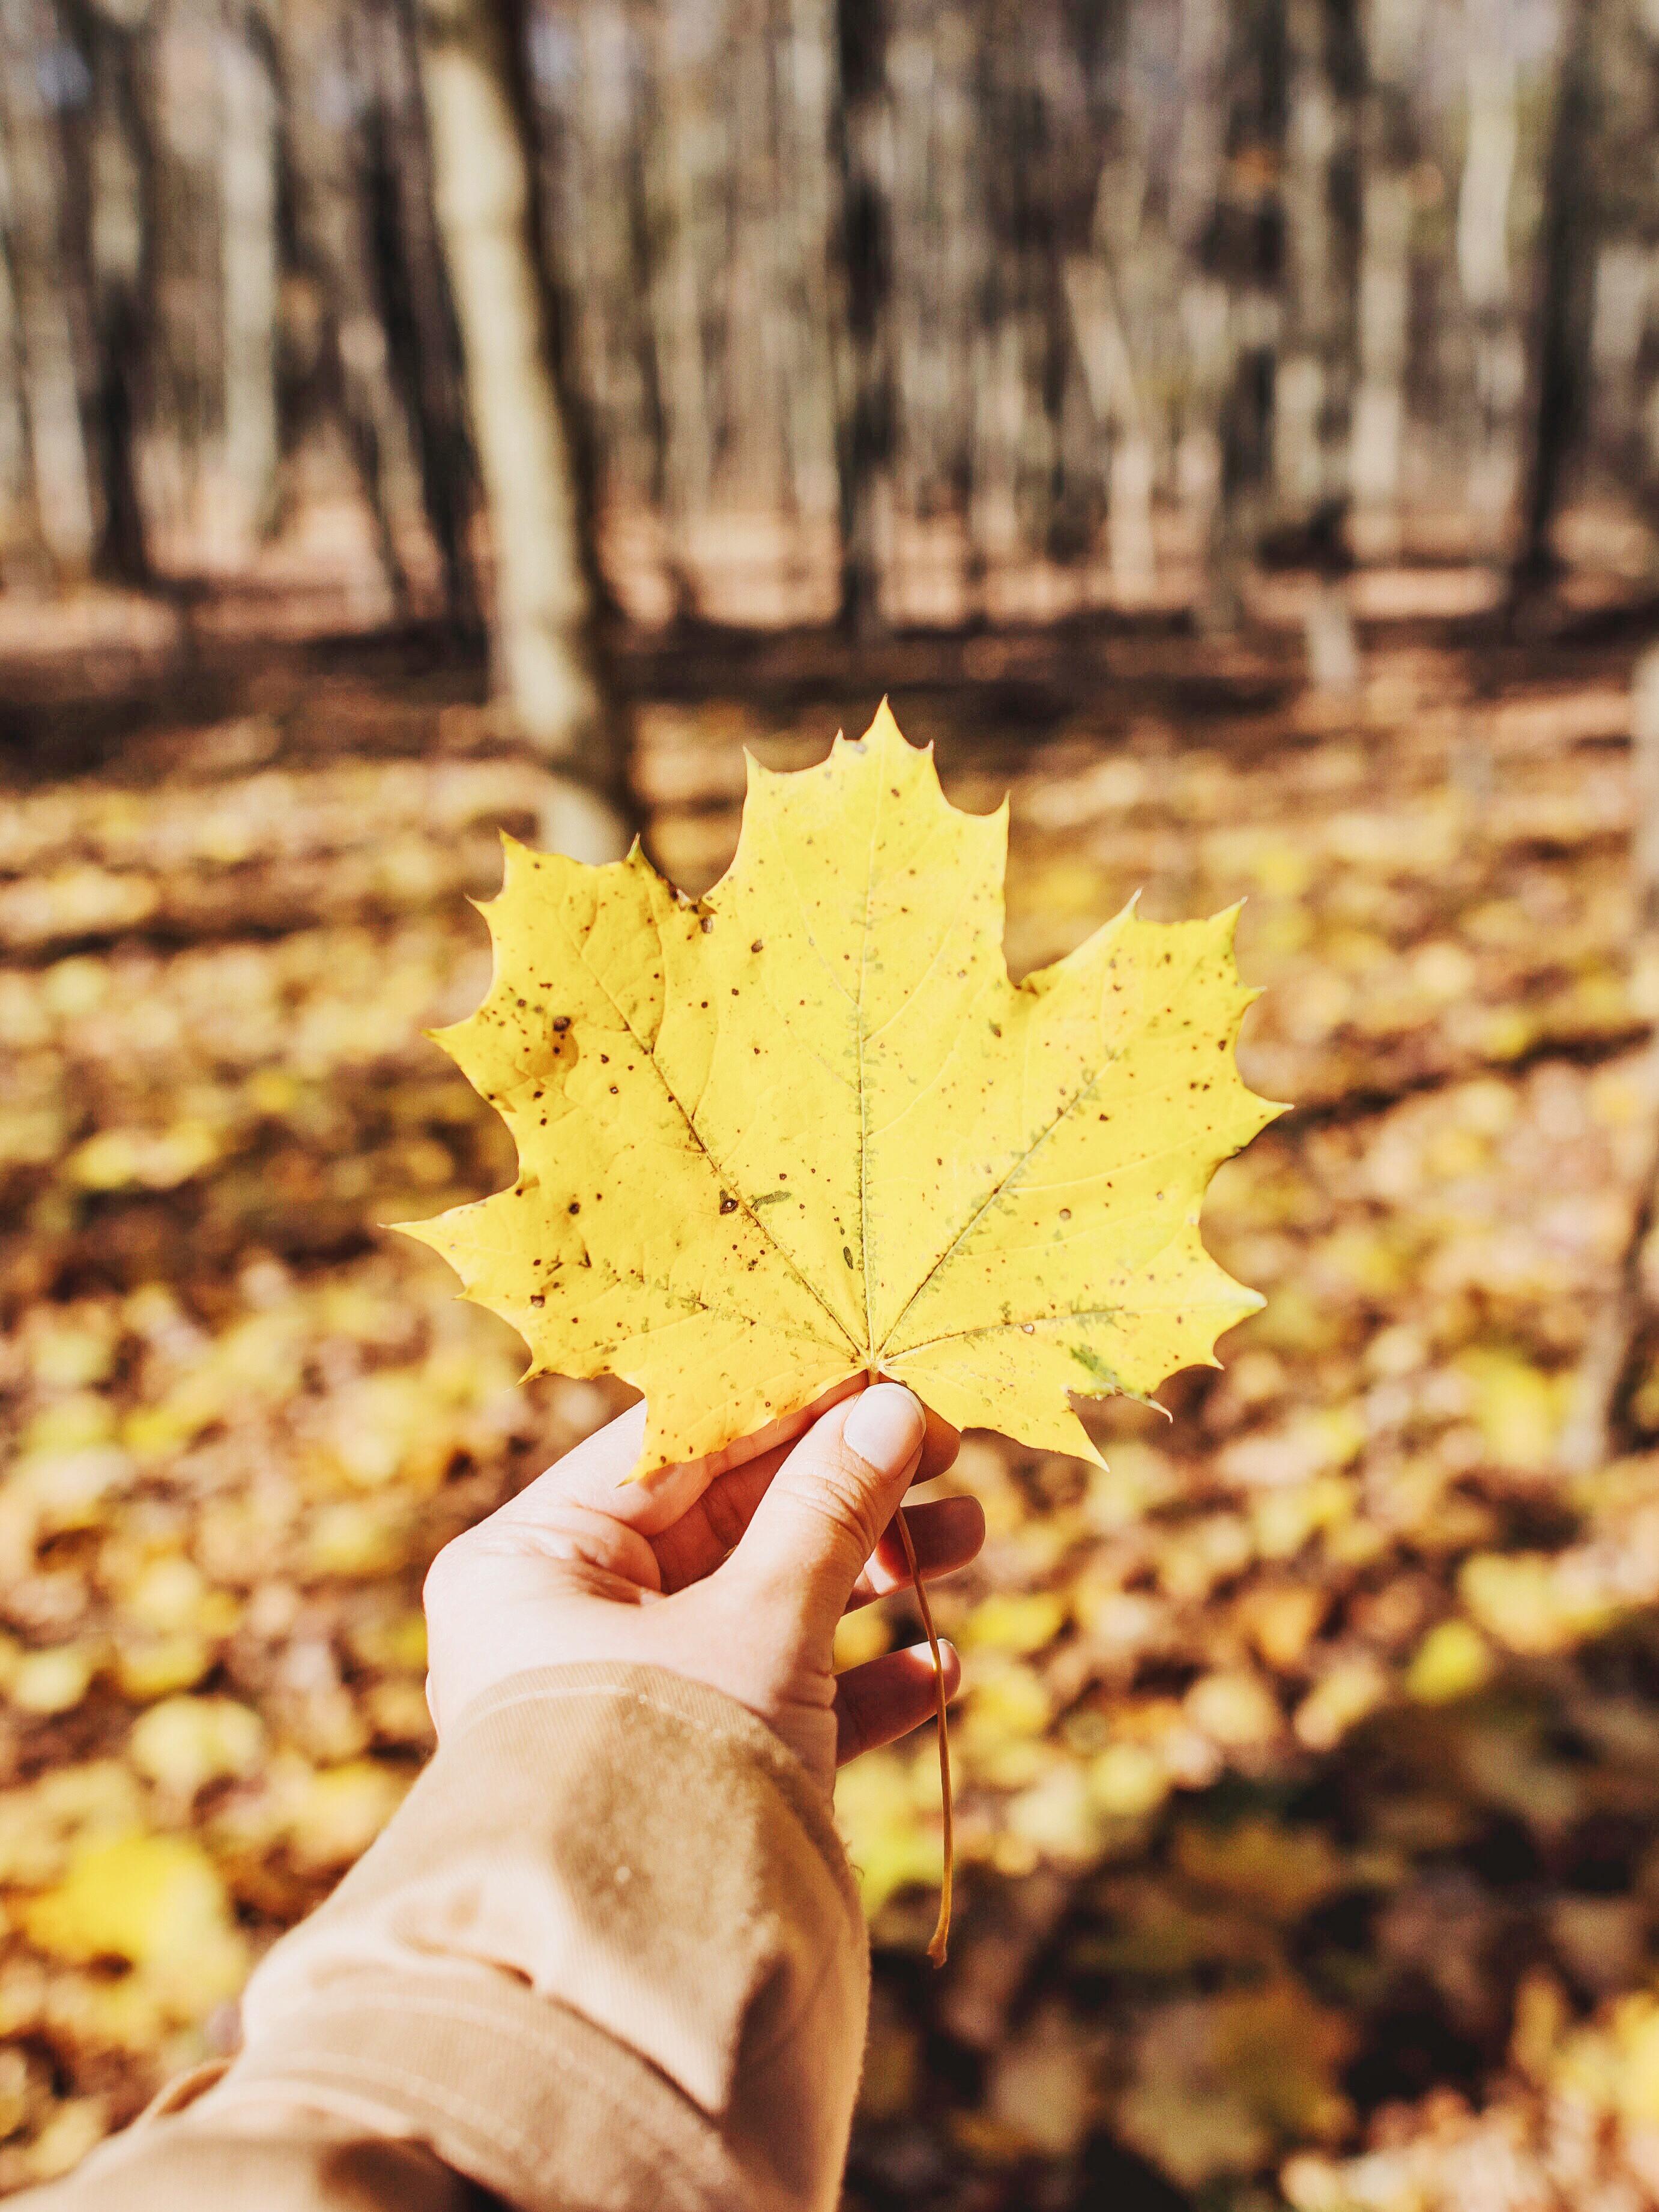 96259 скачать обои Природа, Лист, Клен, Рука, Осень, Опавший, Желтый - заставки и картинки бесплатно